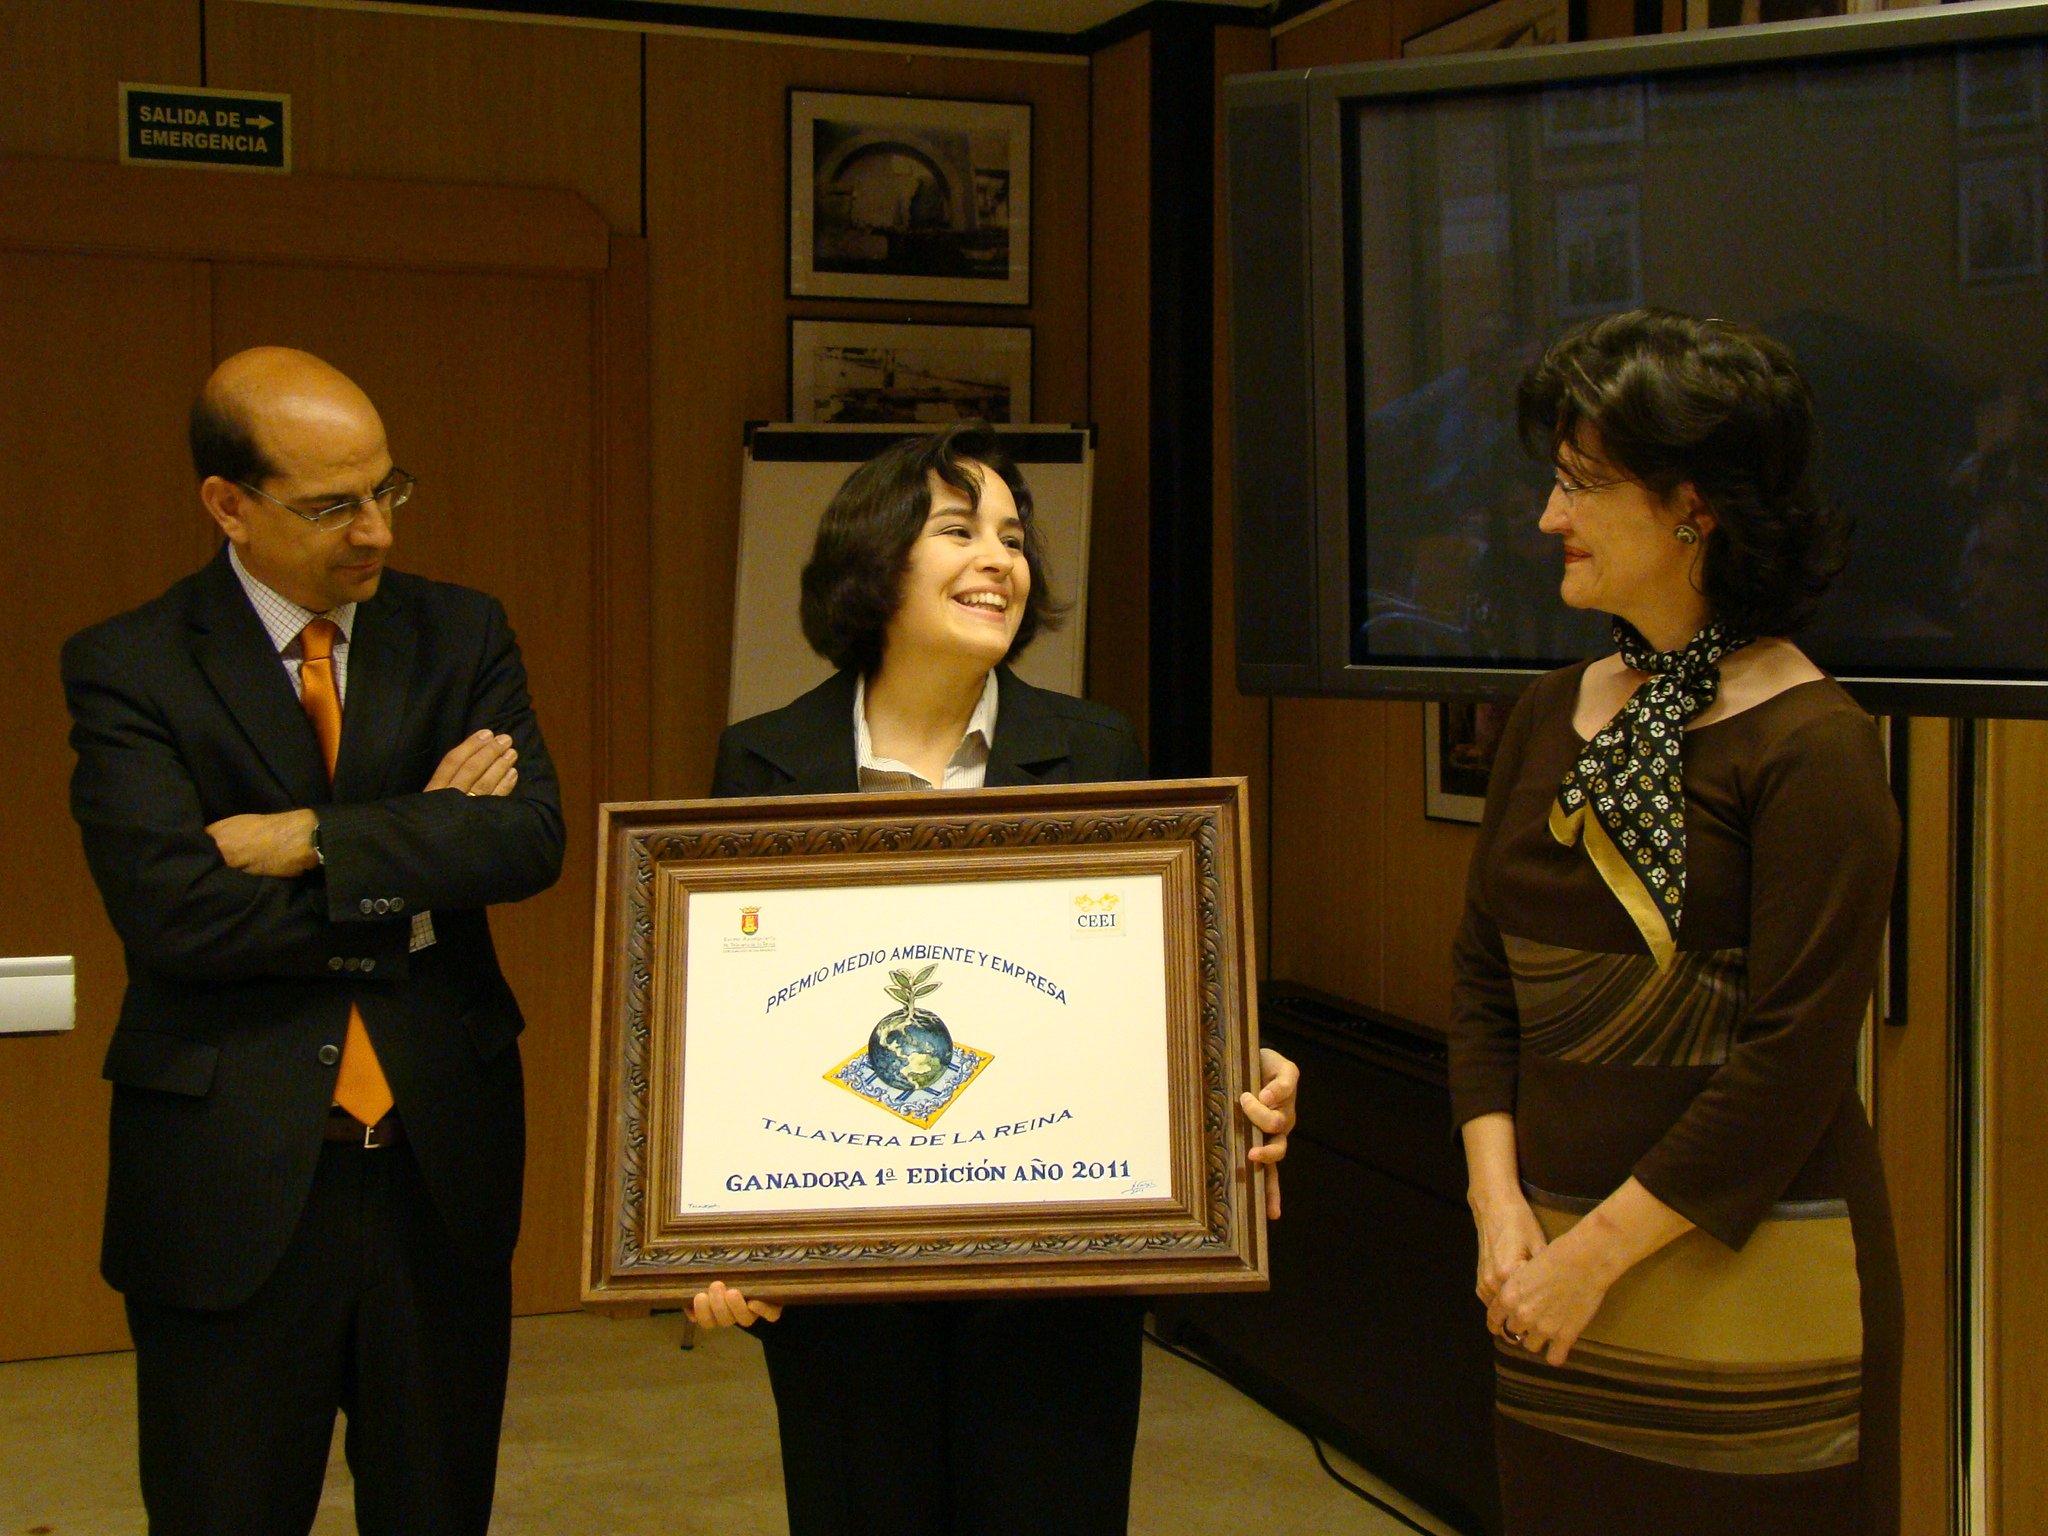 Solimat obtiene el I Premio Medio Ambiente y Empresa